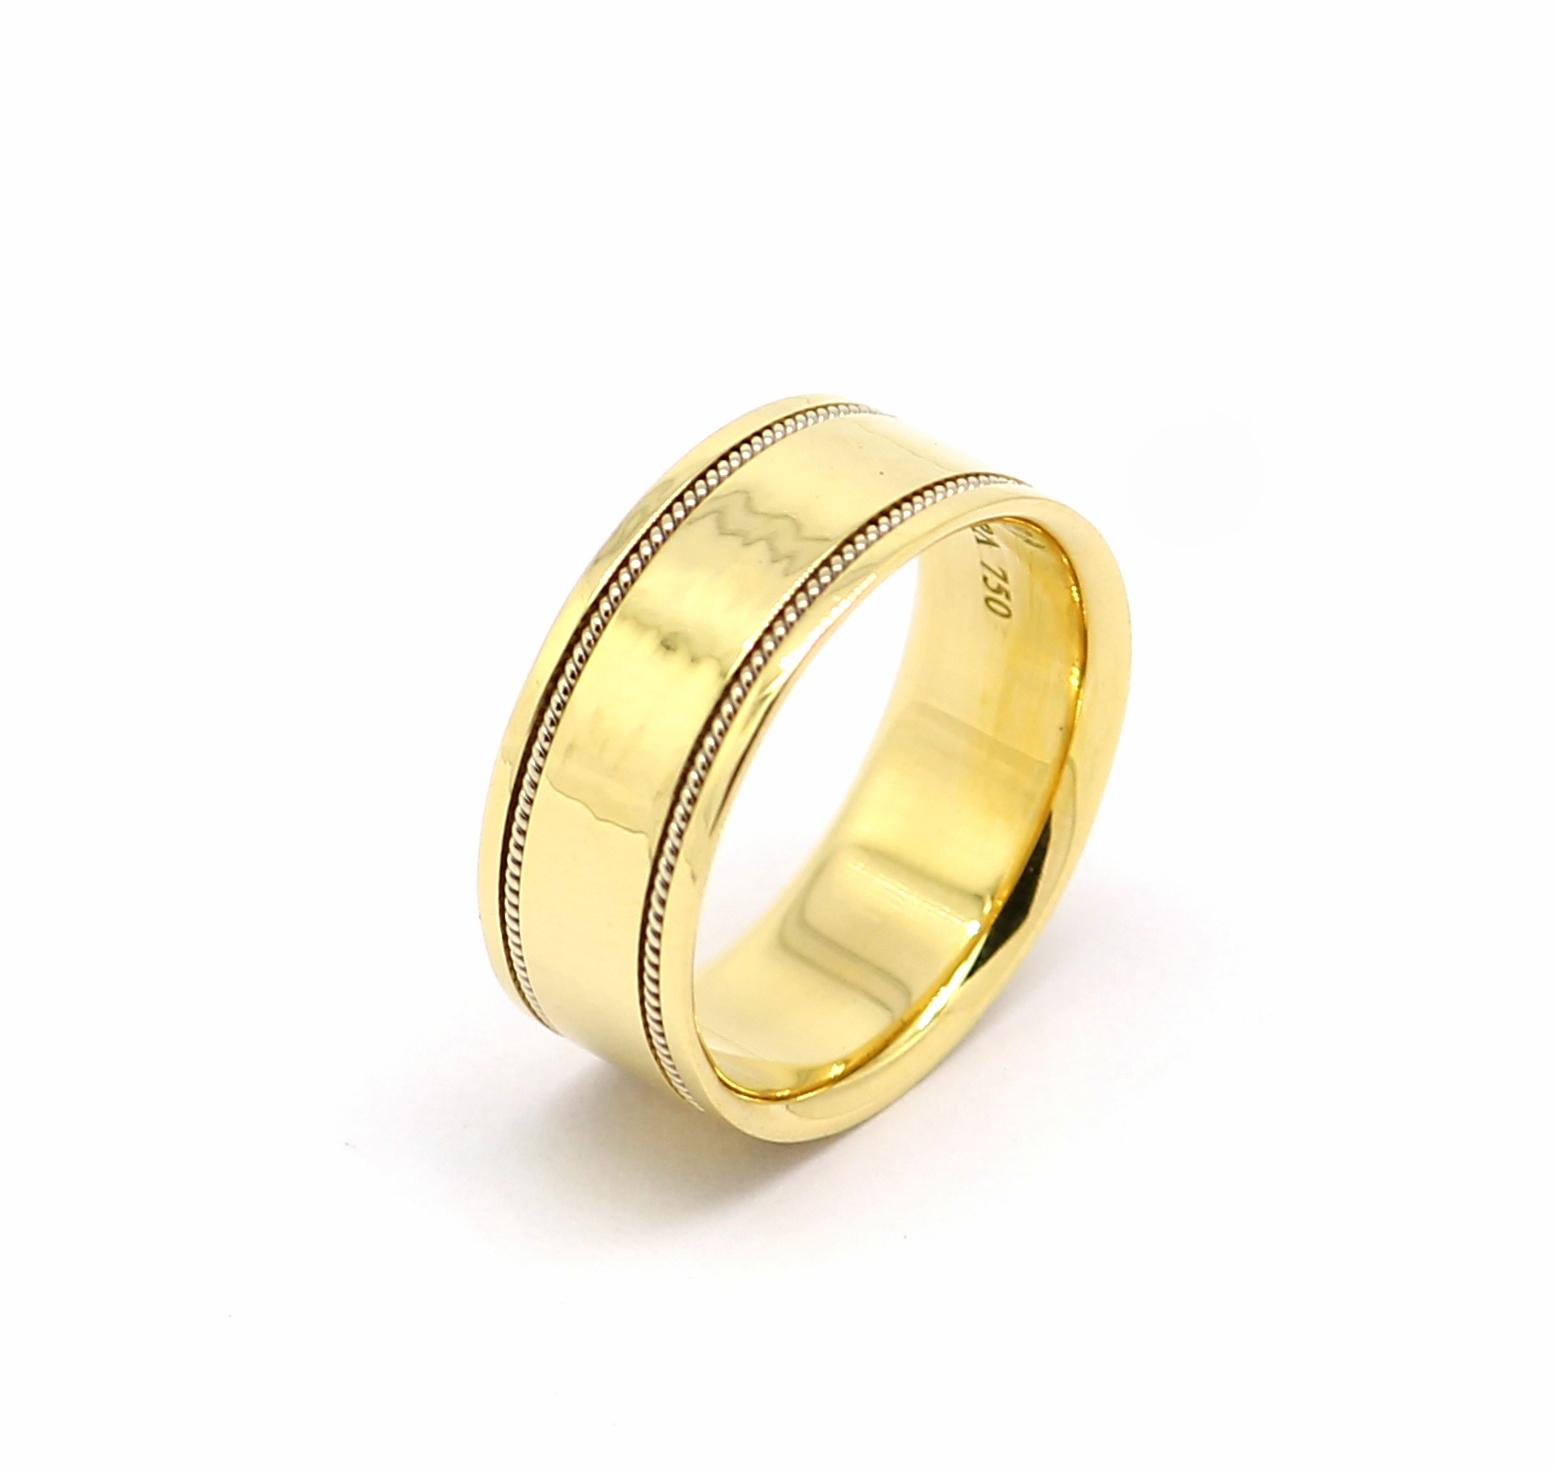 Par de Alianças Ouro Amarelo com Fio Ouro Branco 18k 750 - Marcio ... f6fbd633df